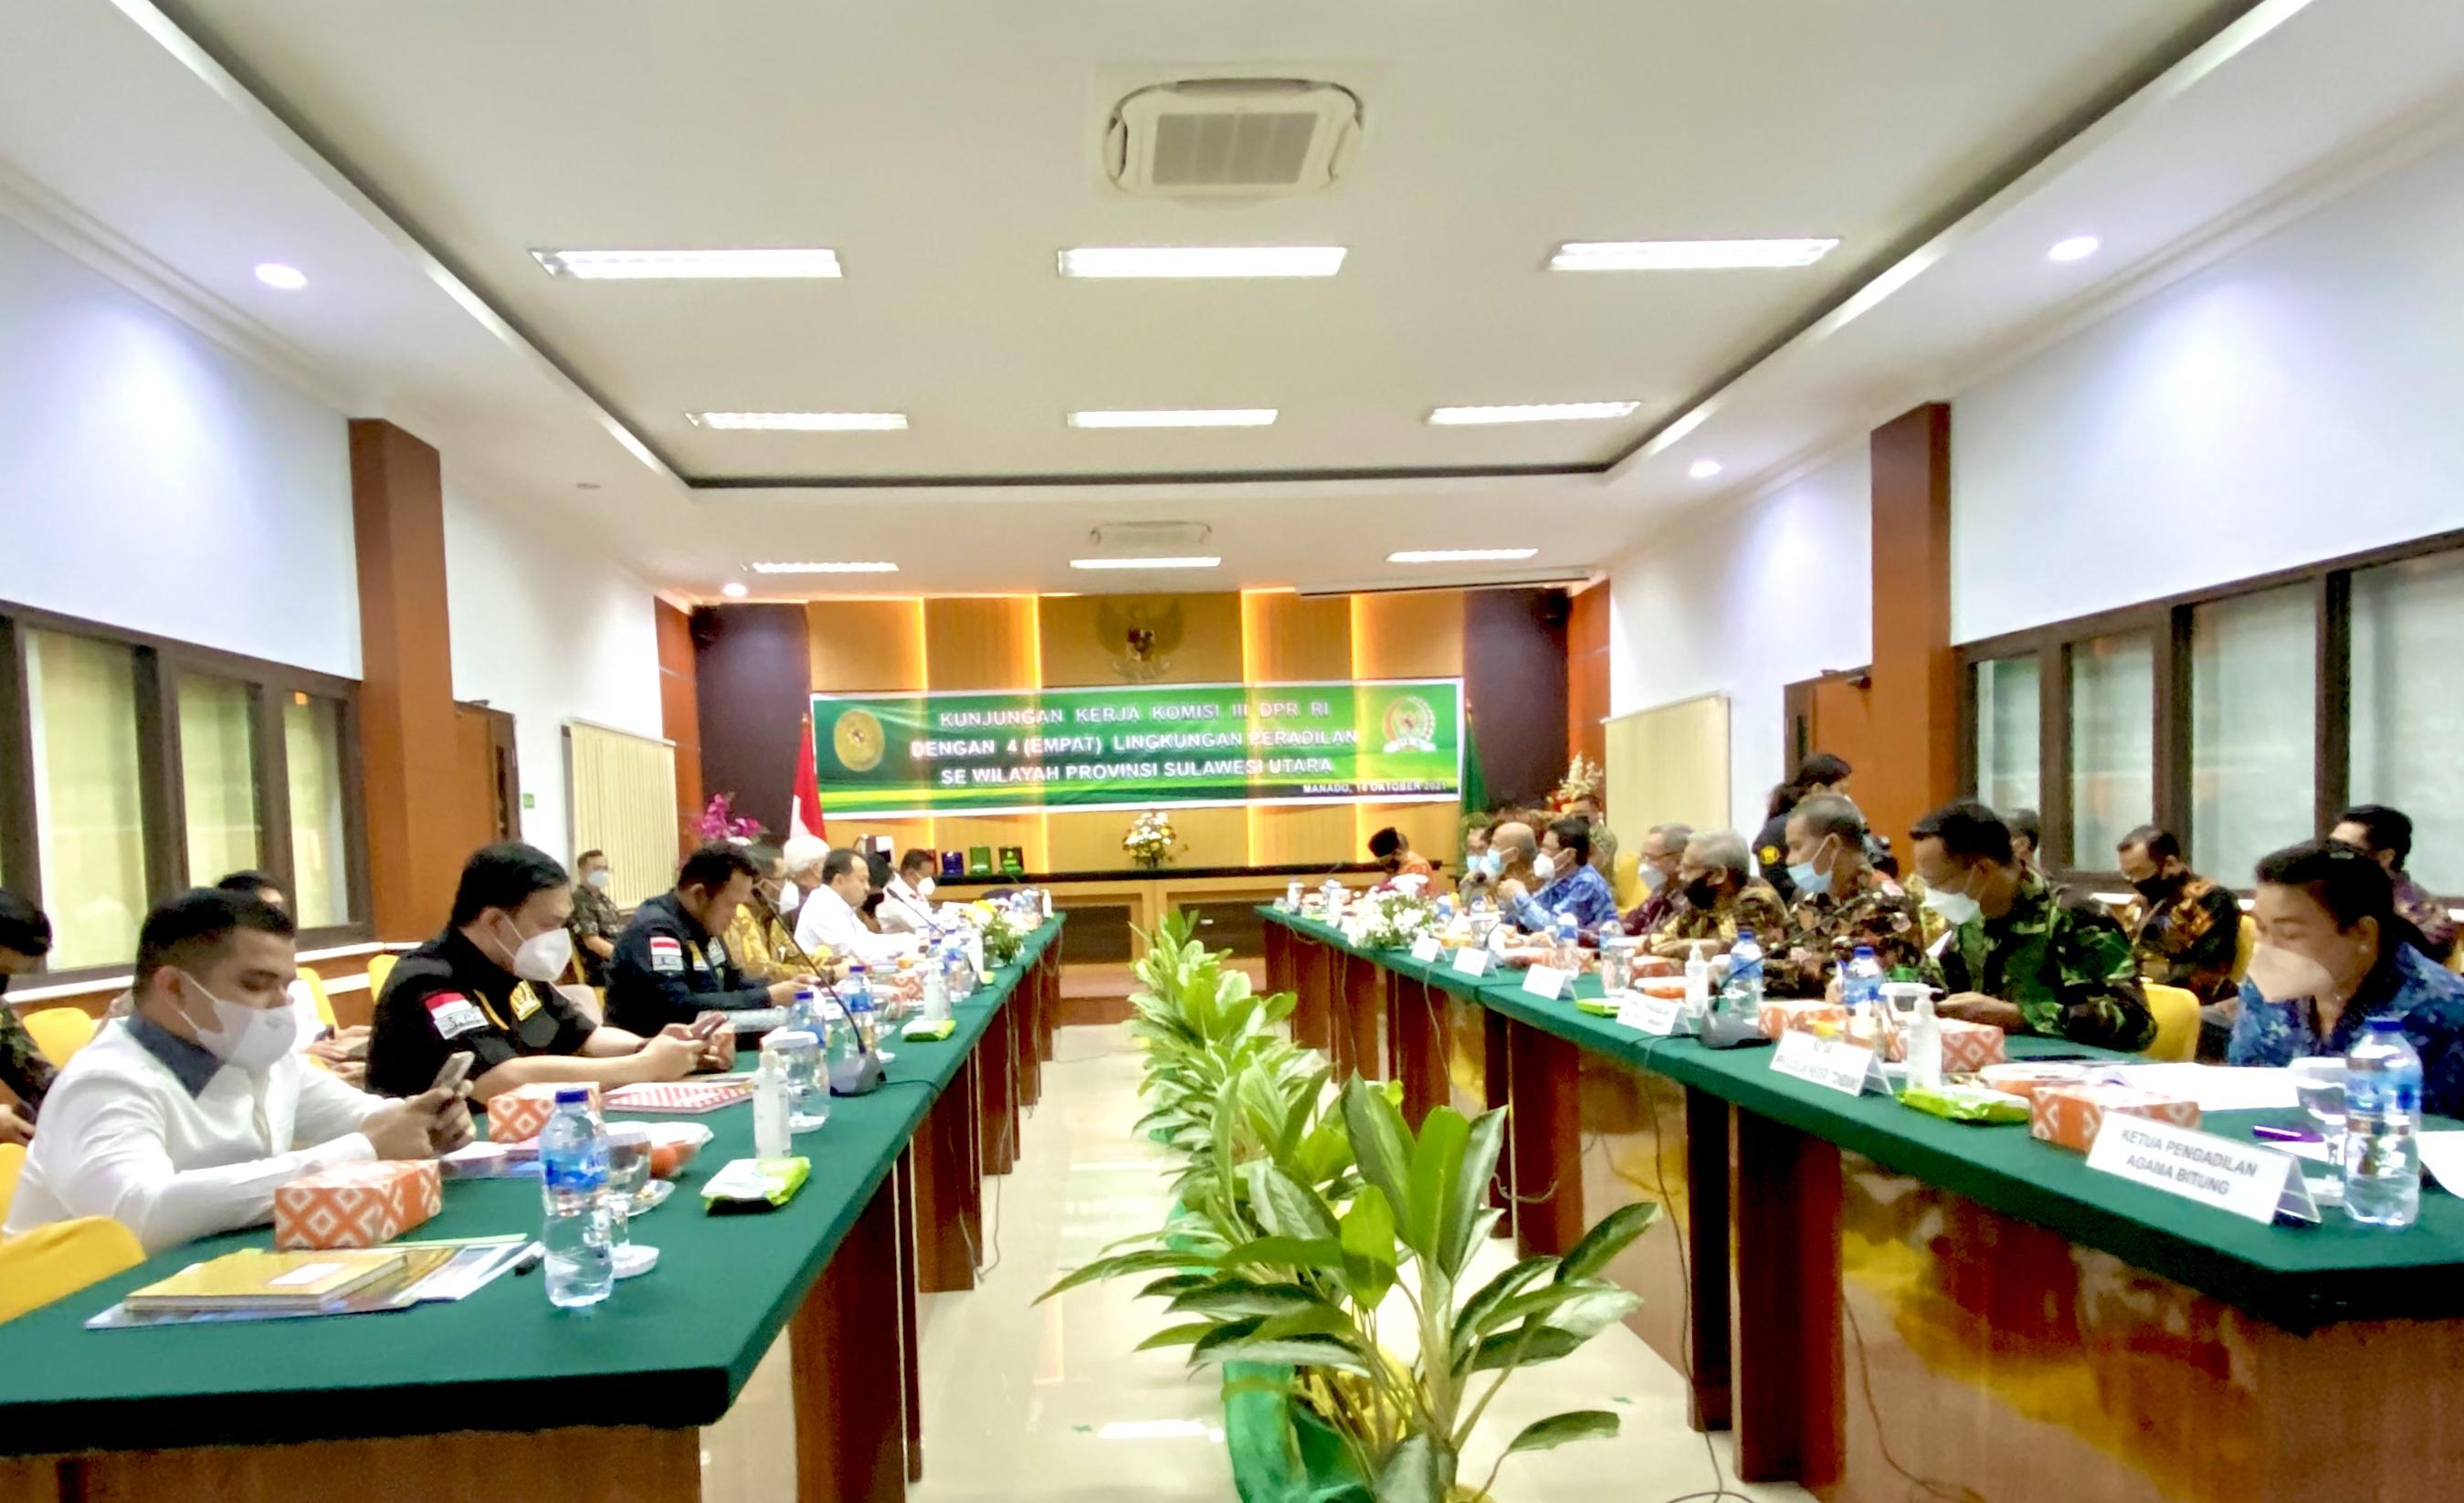 Kunjungan kerja komisi III DPR RI ke - 4 Lingkungan Peradilan Se - Wilayah Sulawesi Utara